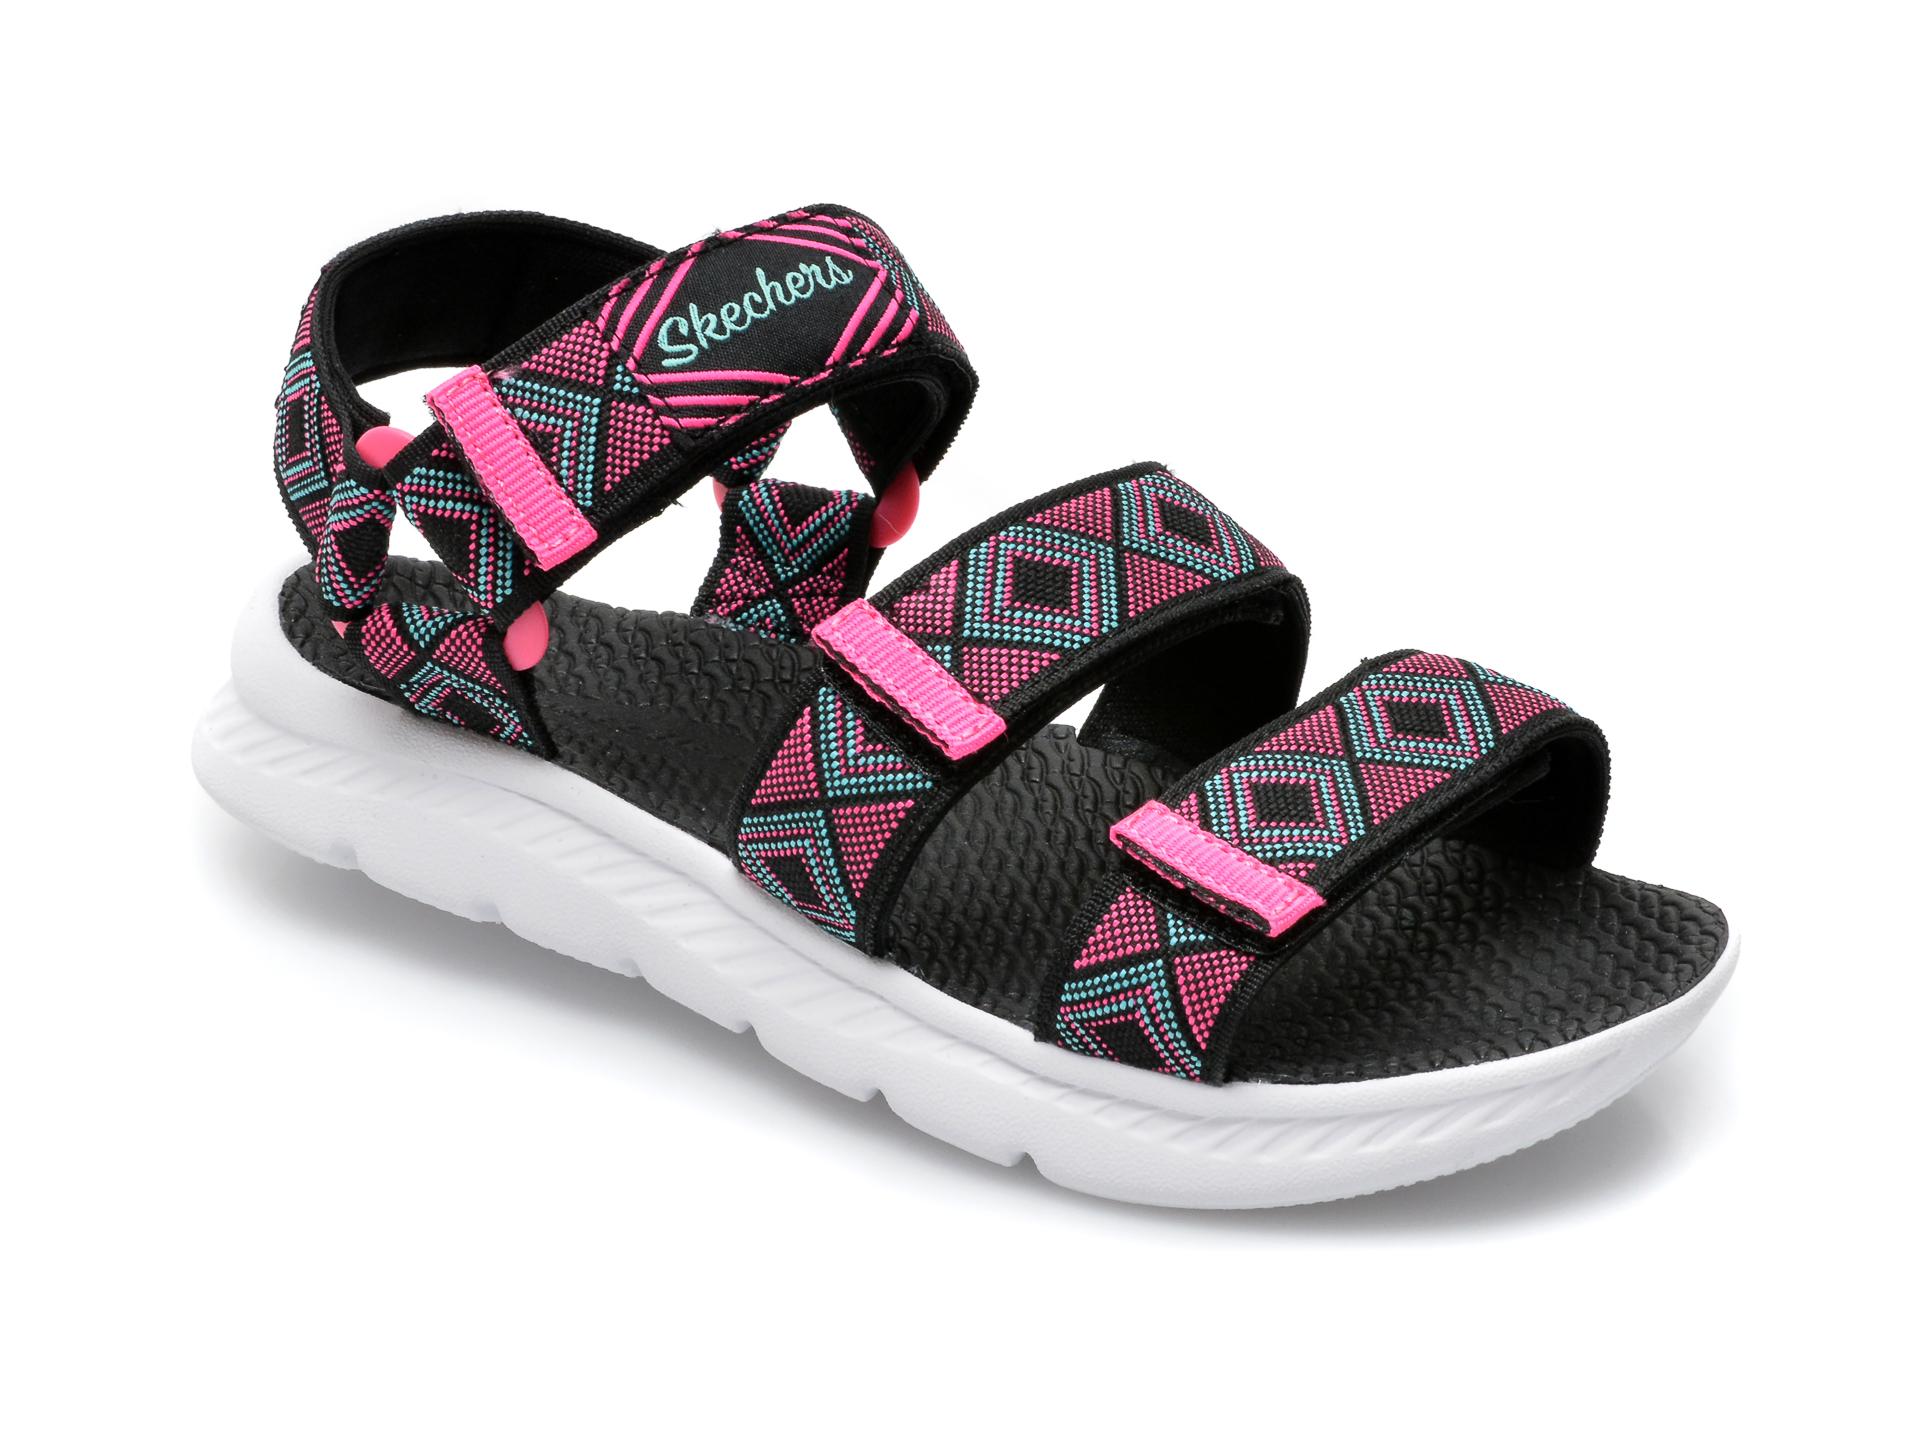 Sandale SKECHERS negre, C-Flex Sandal 2.0 Bohemian Beauty, din material textil